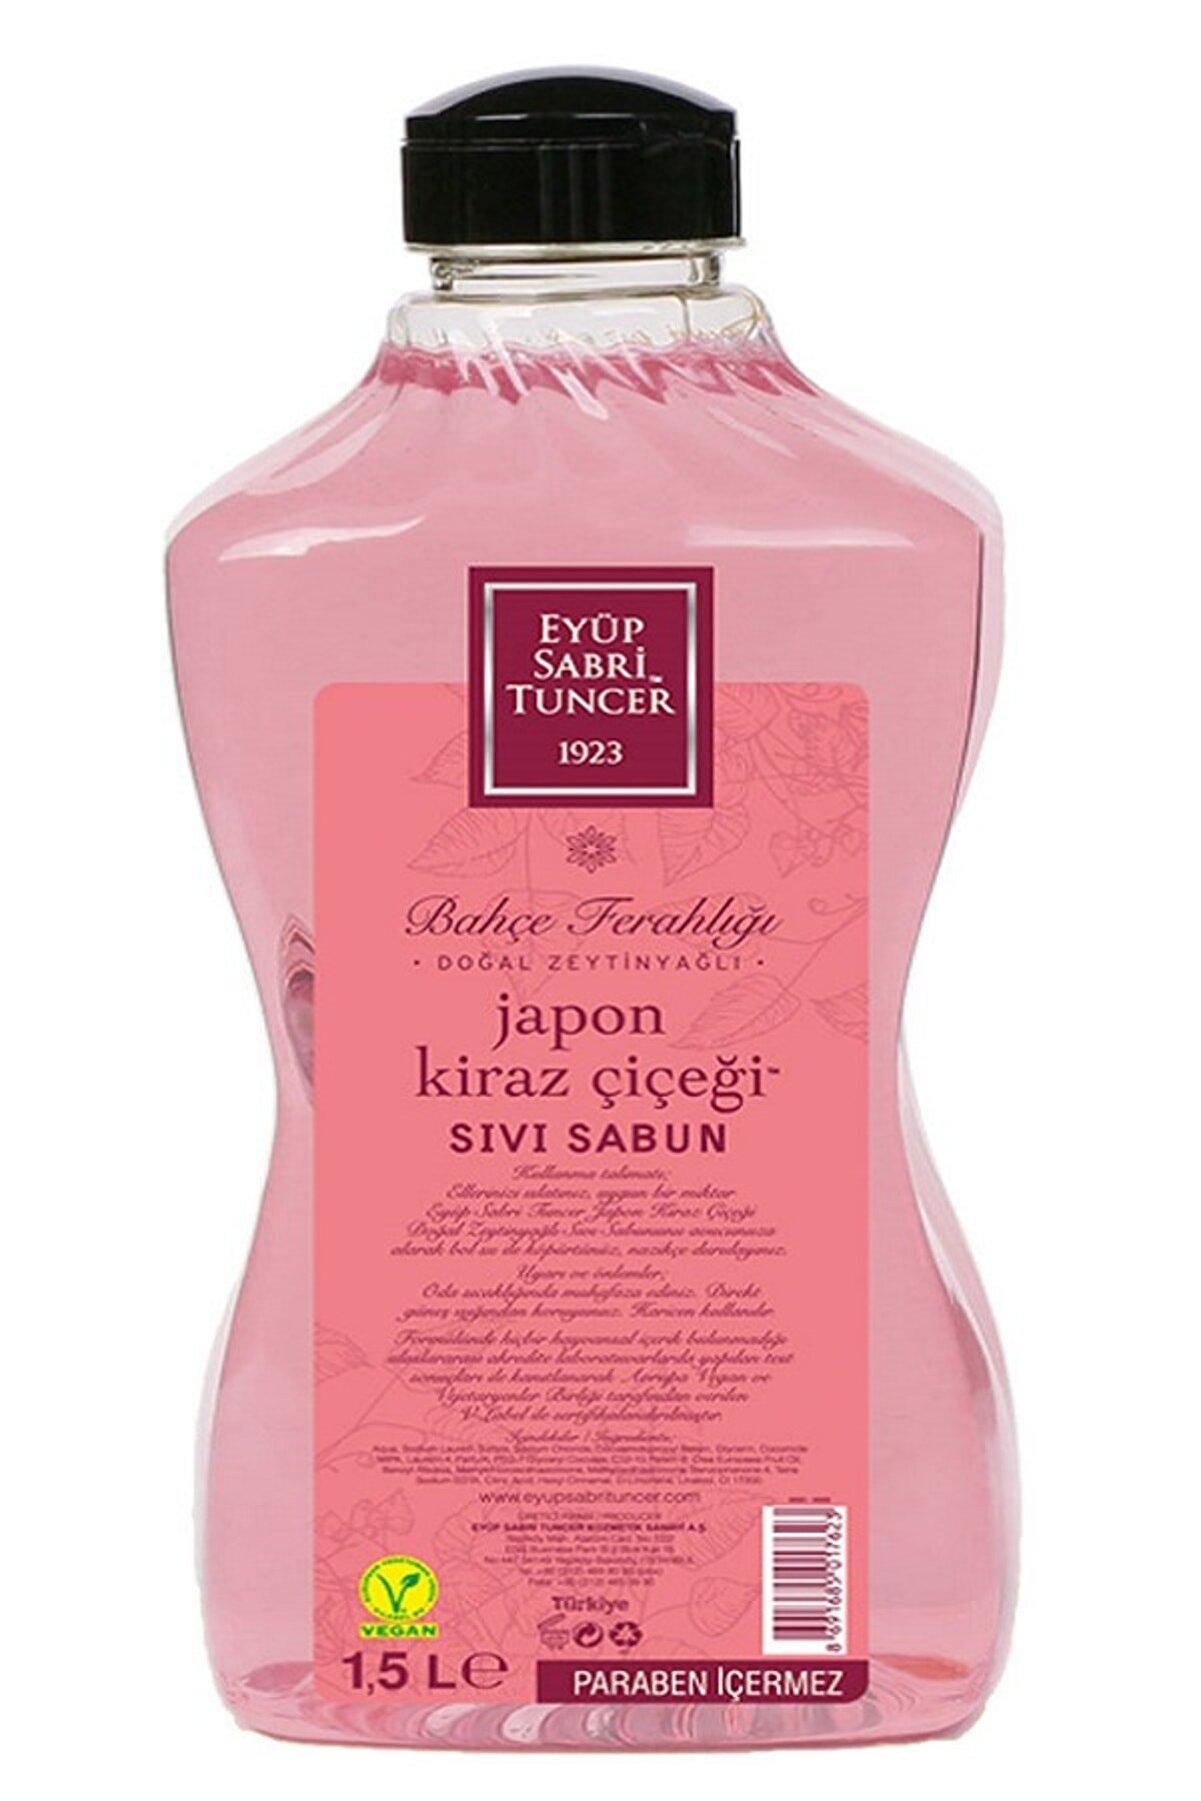 Eyüp Sabri Tuncer Japon Kiraz Çiçeği Sıvı Sabun 1500 ml